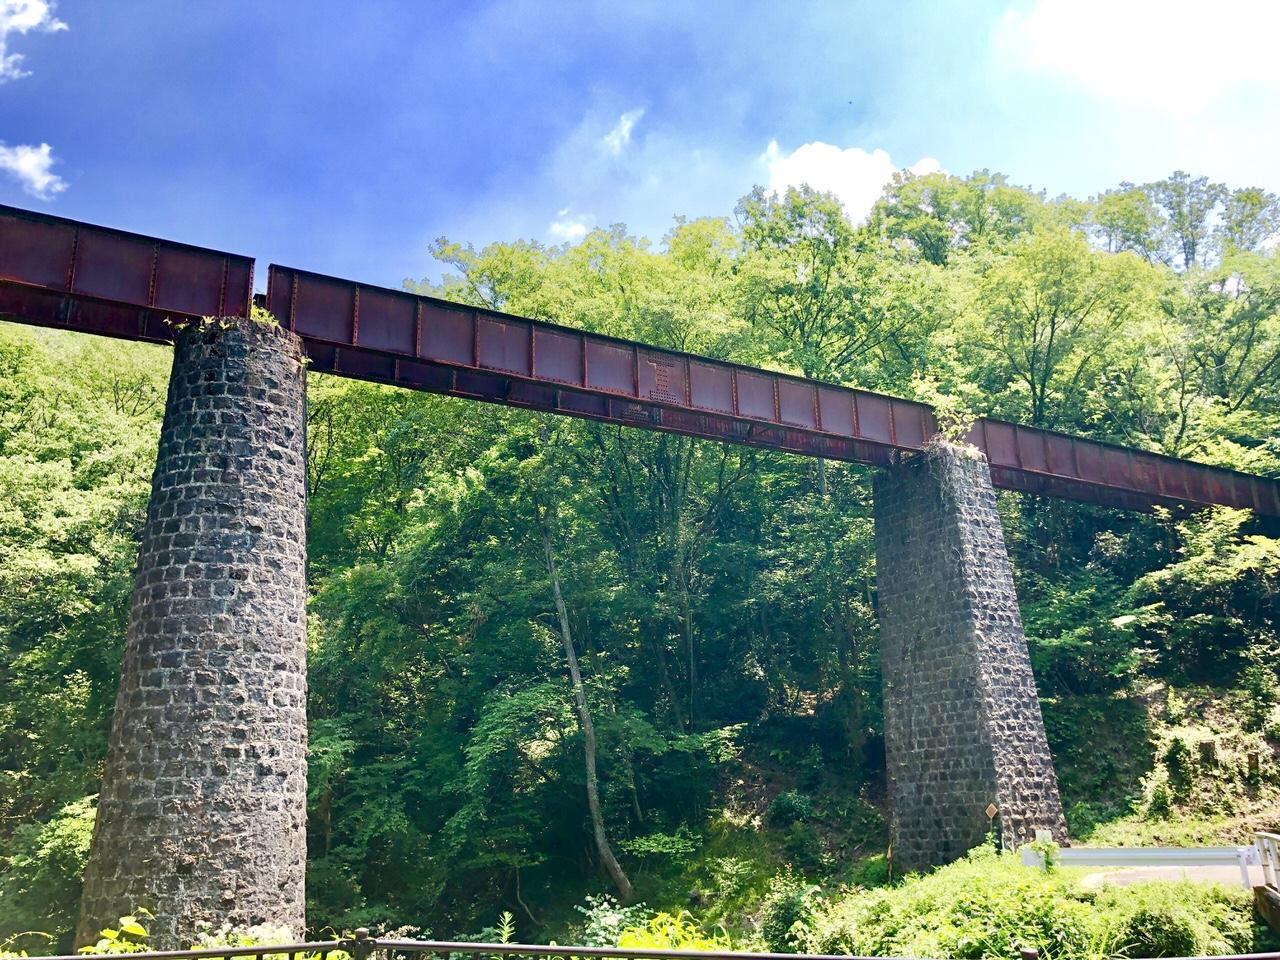 北恵那鉄道廃線跡の上地橋梁を横から写真